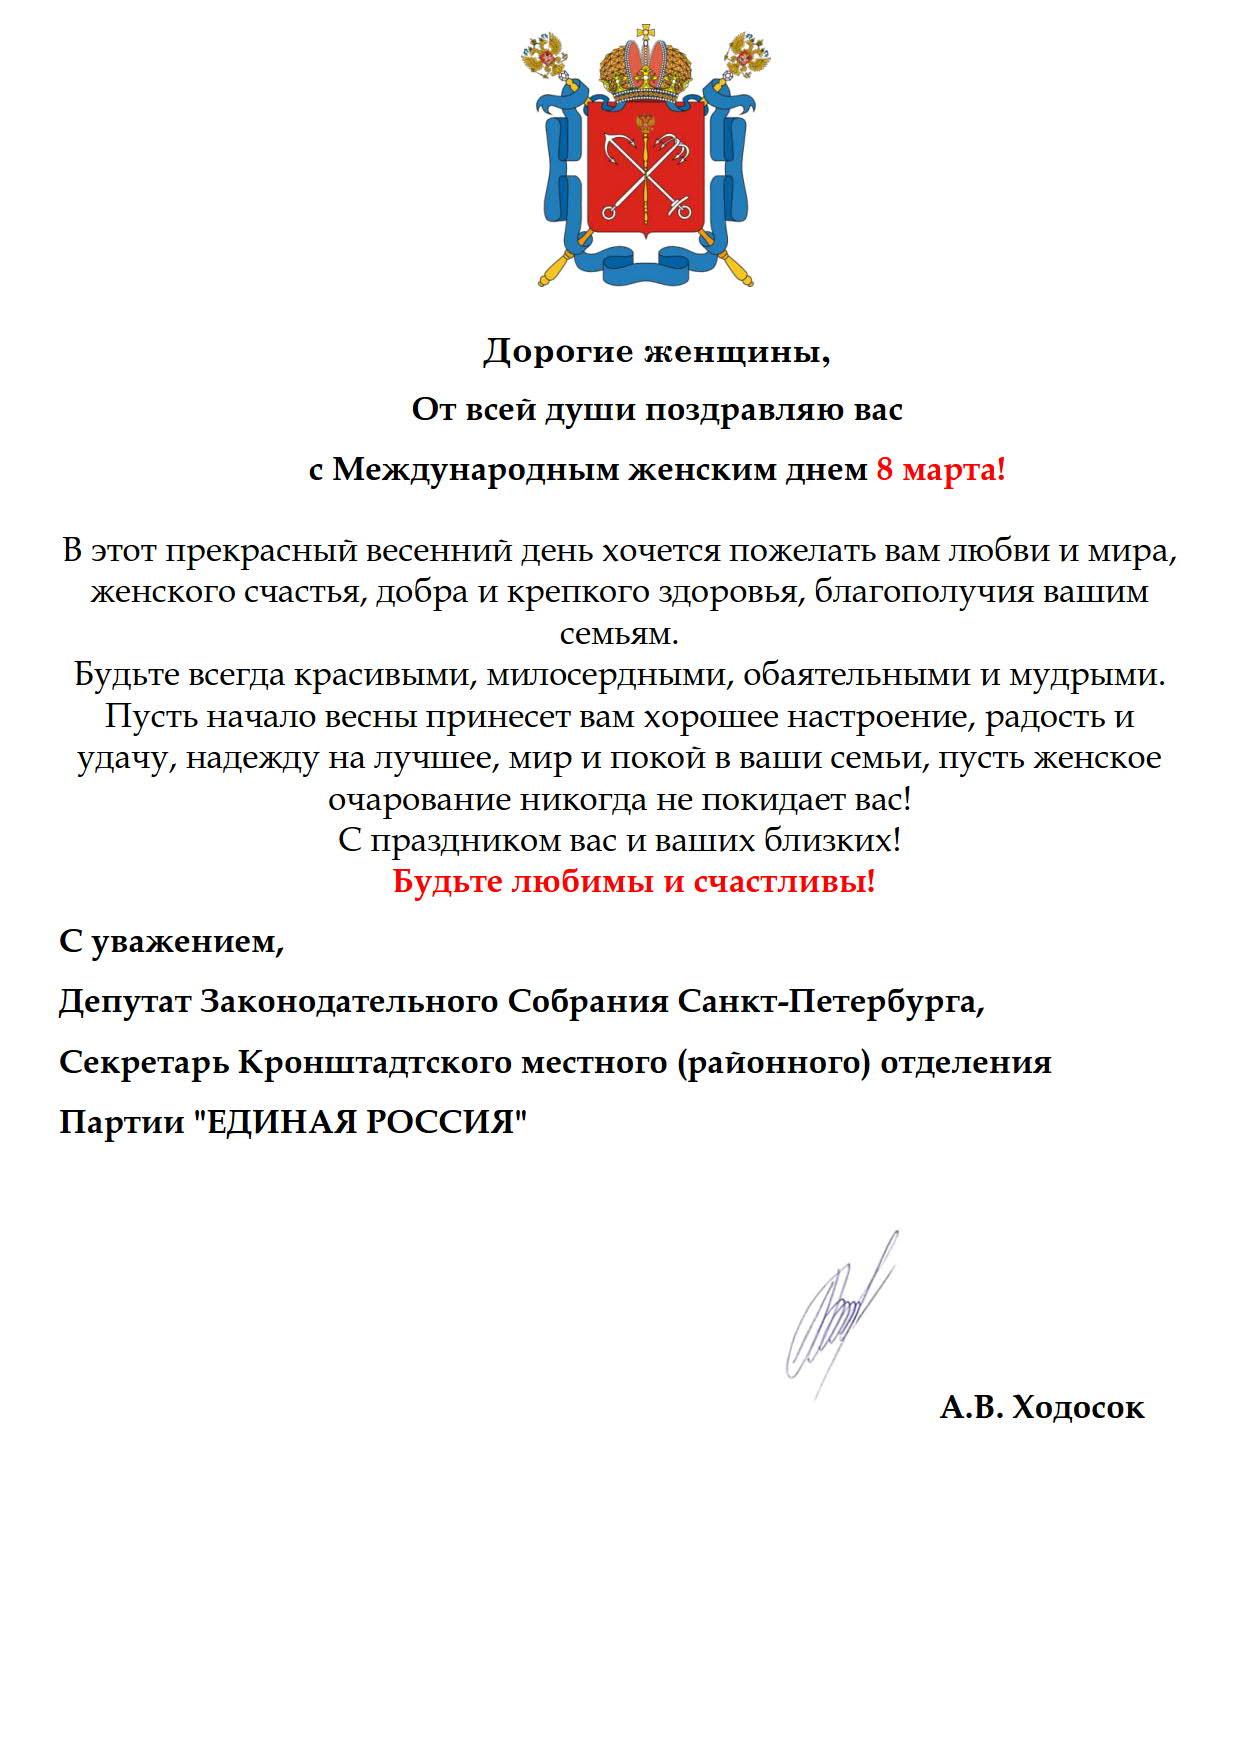 Поздравление А.В. Ходоска с 8 марта_1